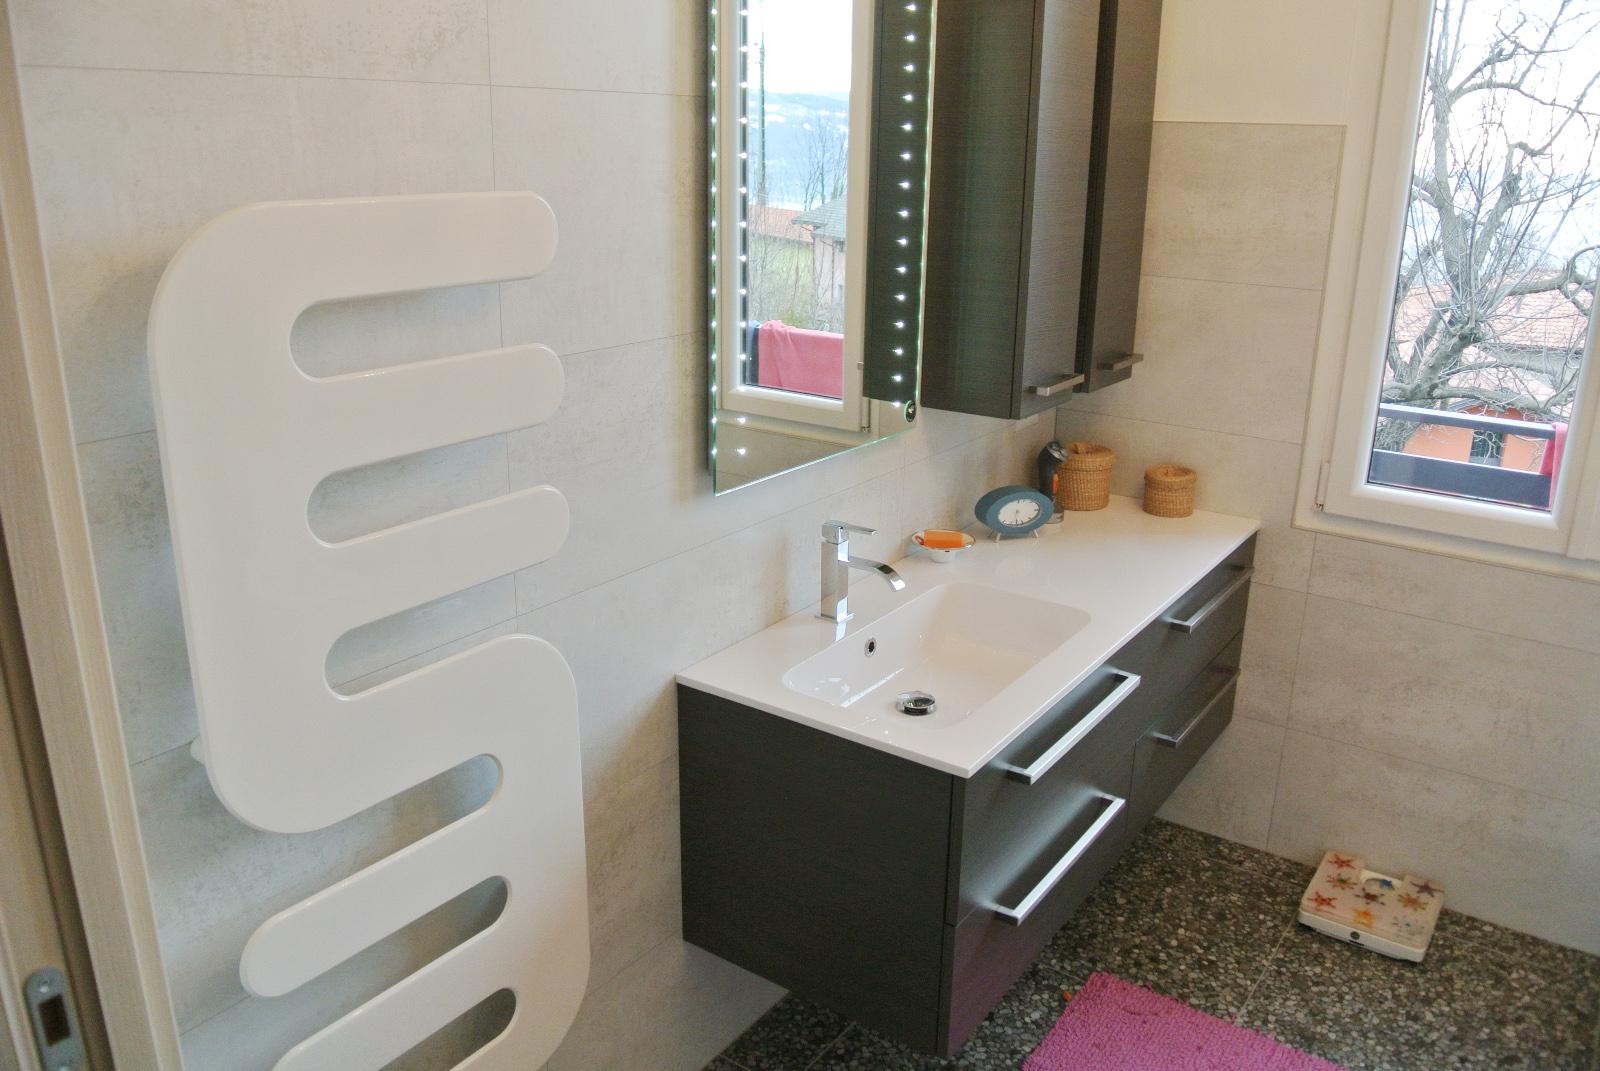 sintesibagno-verbania-canton-ticino-sviezzera-arredobagno-mobile-bagno-rubinetteria-parete-in-cristallo-piatto-doccia-filo-pavimento-radiatore-arredo-specchiera-led-01